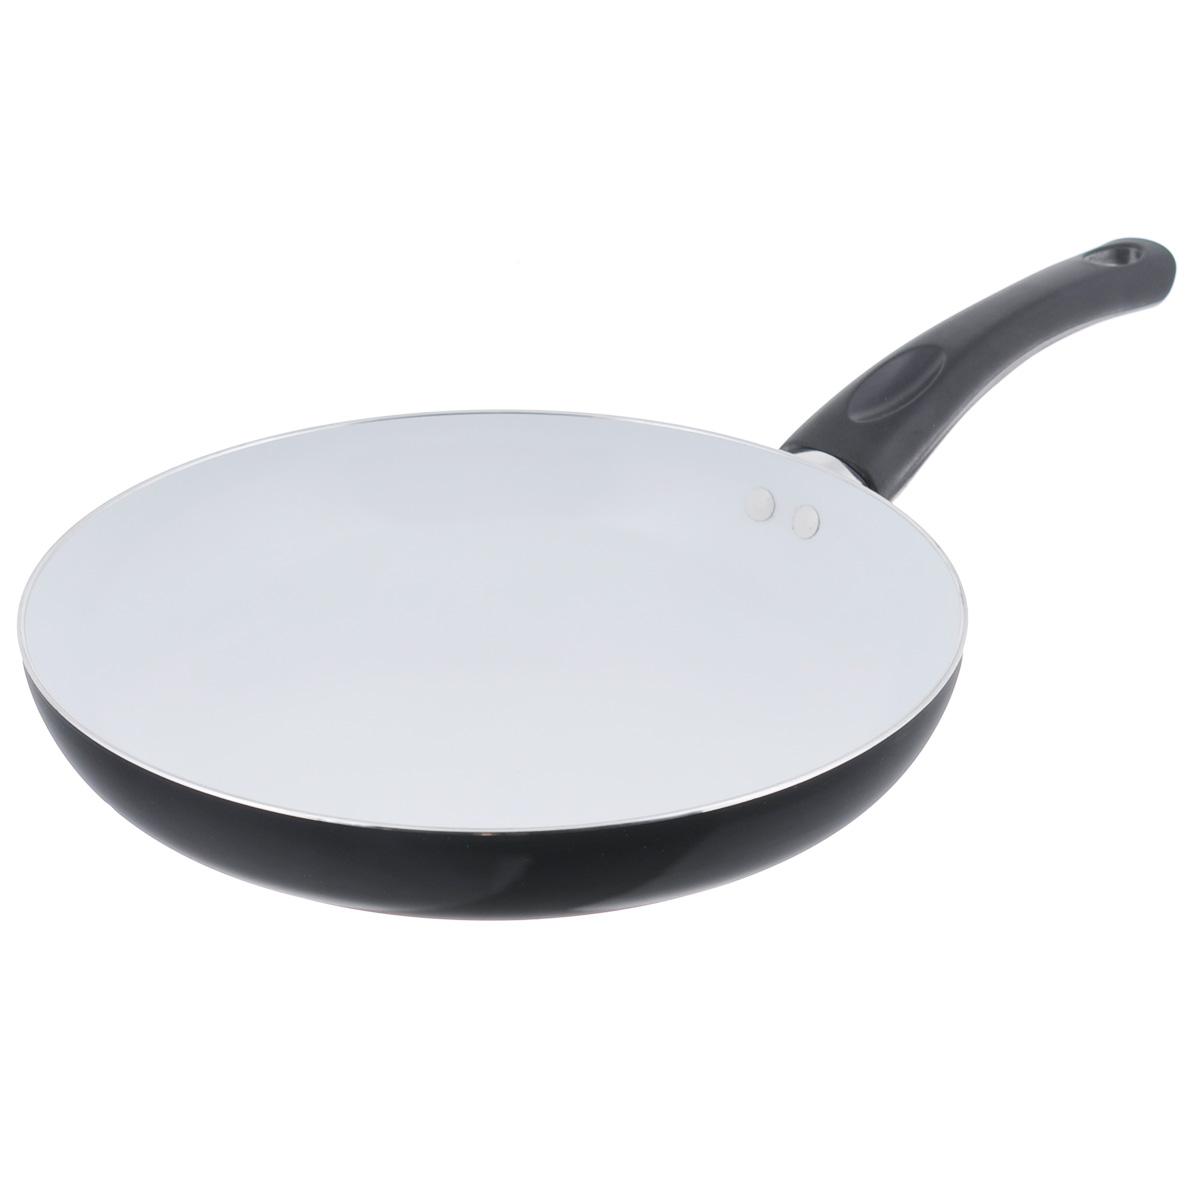 Сковорода Mayer & Boch, с керамическим покрытием, цвет: черный. Диаметр 26 см. 2015720157Сковорода Mayer & Boch изготовлена из литого алюминия с керамическим покрытием. Сковорода предназначена для здорового и экологичного приготовления пищи. Пища не пригорает и не прилипает к стенкам. Абсолютно гладкая поверхность легко моется. Посуда экологически чистая, не содержит примеси ПФОК. Рукоятка специального дизайна, выполненная из бакелита, удобна и комфортна в эксплуатации. Внешнее цветное покрытие устойчиво к воздействию высоких температур. Можно использовать на газовых и электрических плитах. Можно мыть в посудомоечной машине. Высота стенки: 4,3 см. Толщина стенки: 2,5 мм. Толщина дна: 3,5 мм. Длина ручки: 18,5 см.